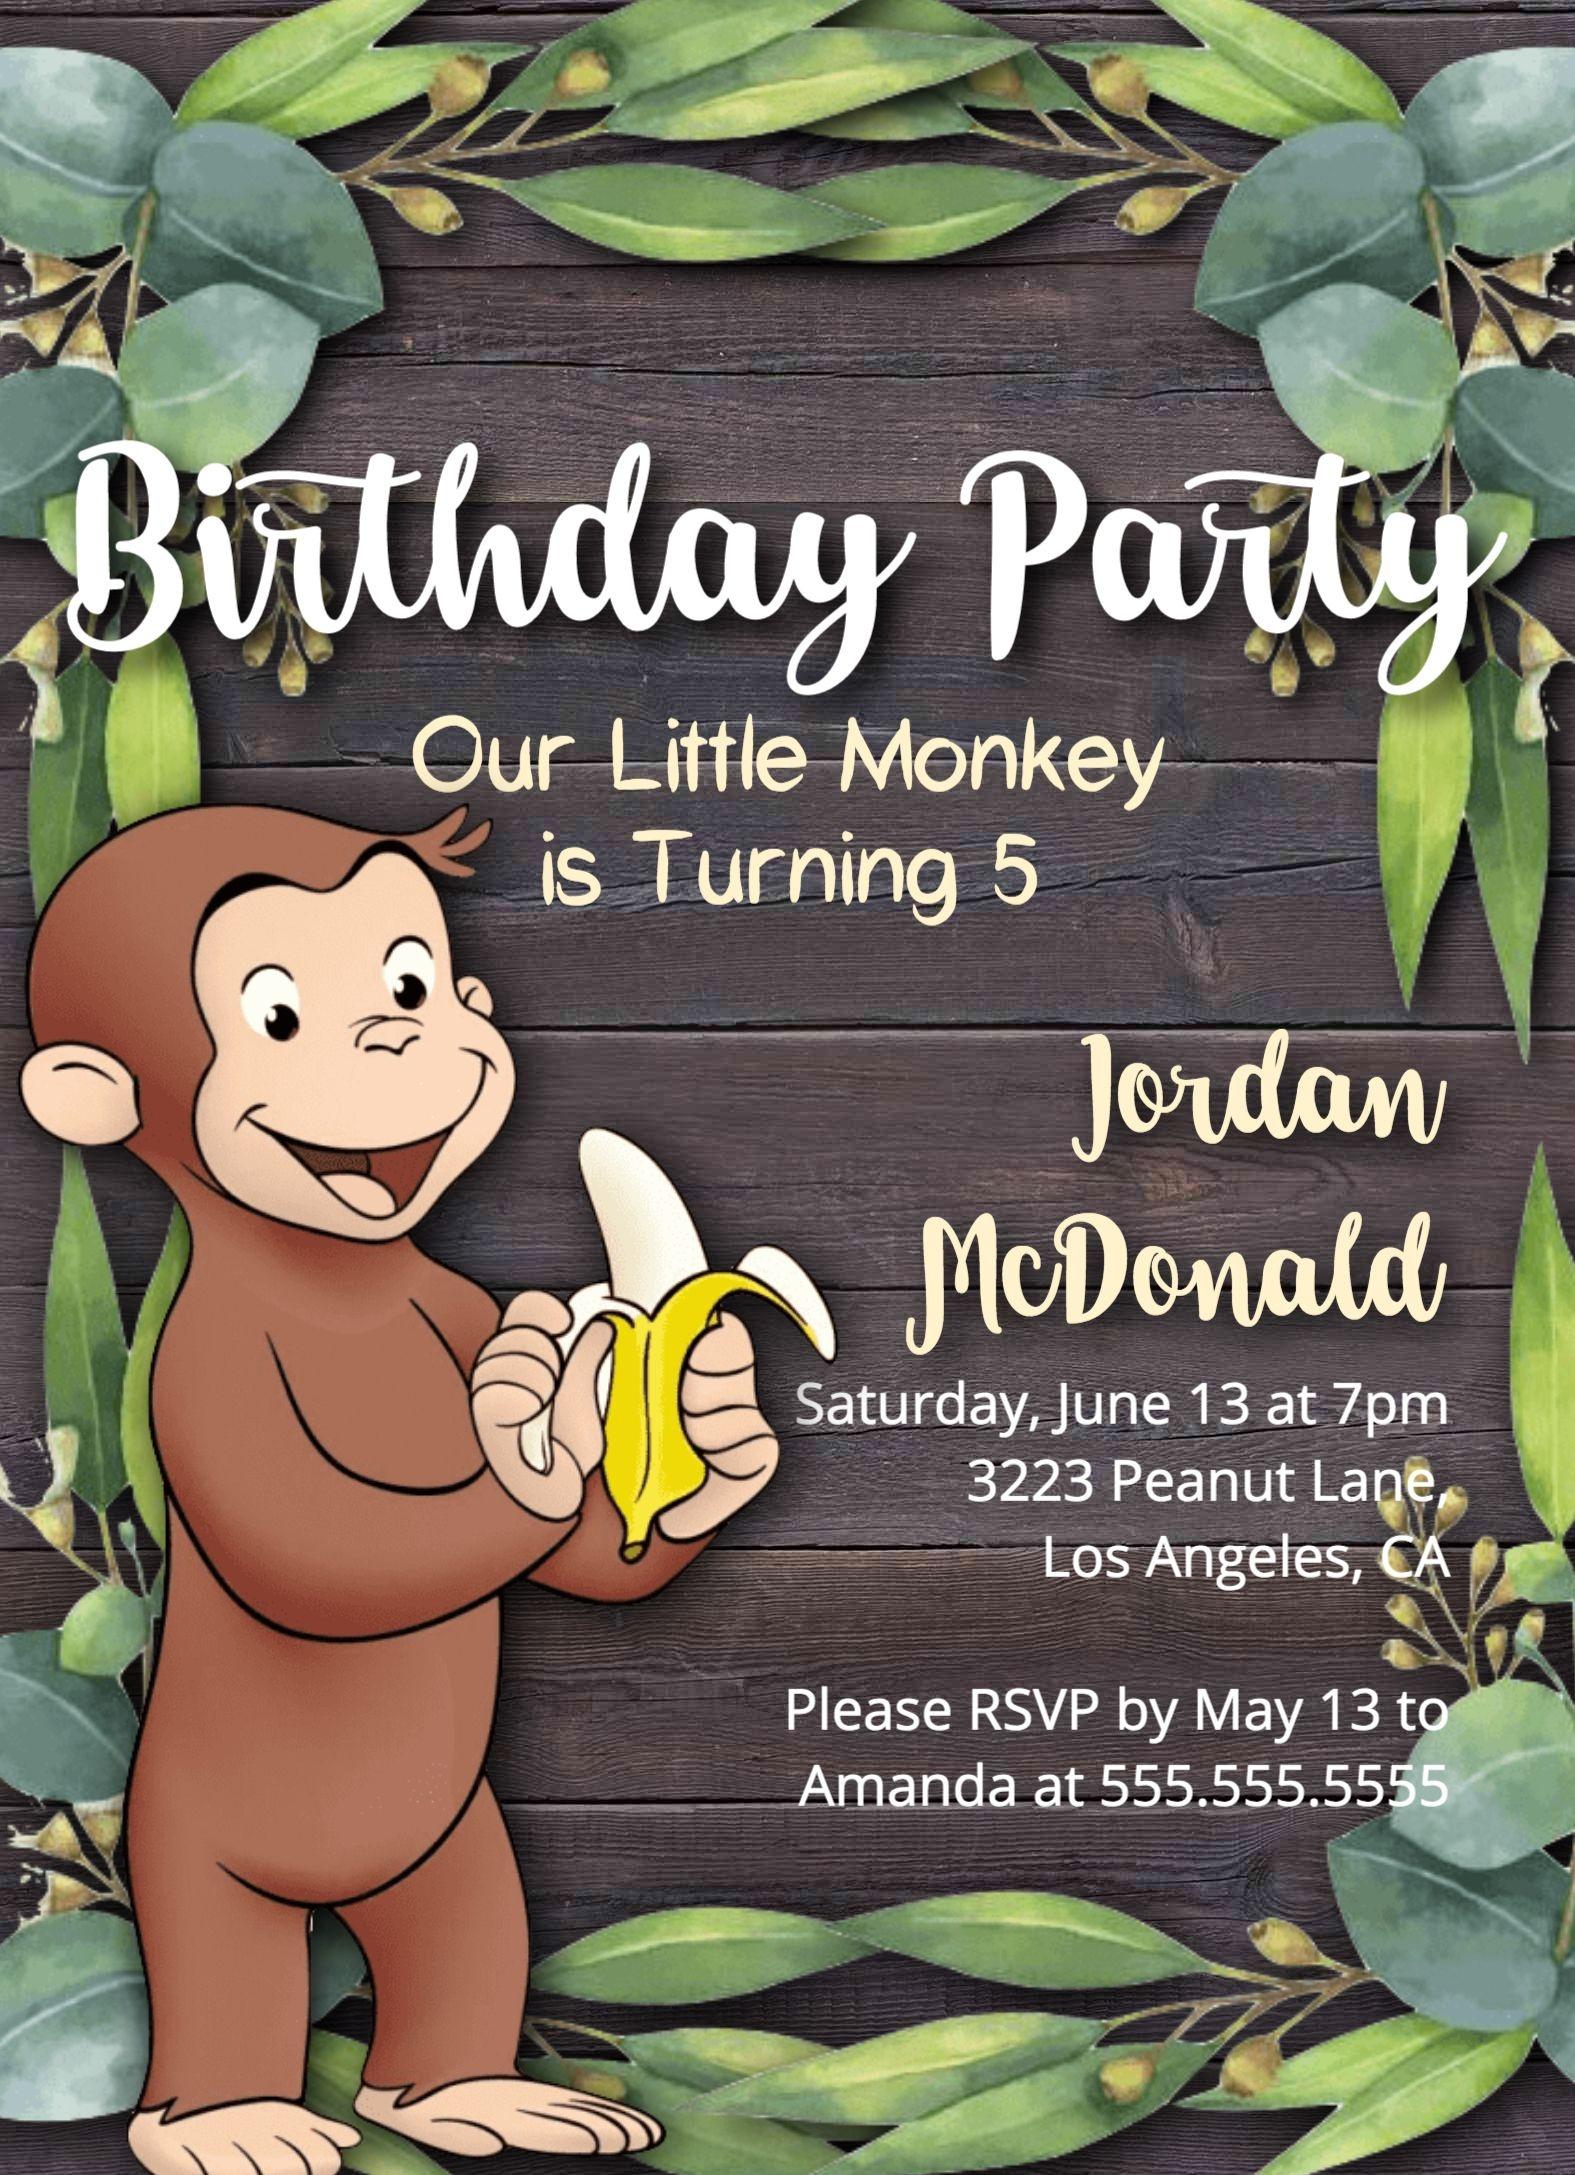 Monkey Theme Birthday Party, Monkey Birthday Party Invitation - Free Printable Monkey Birthday Party Invitations